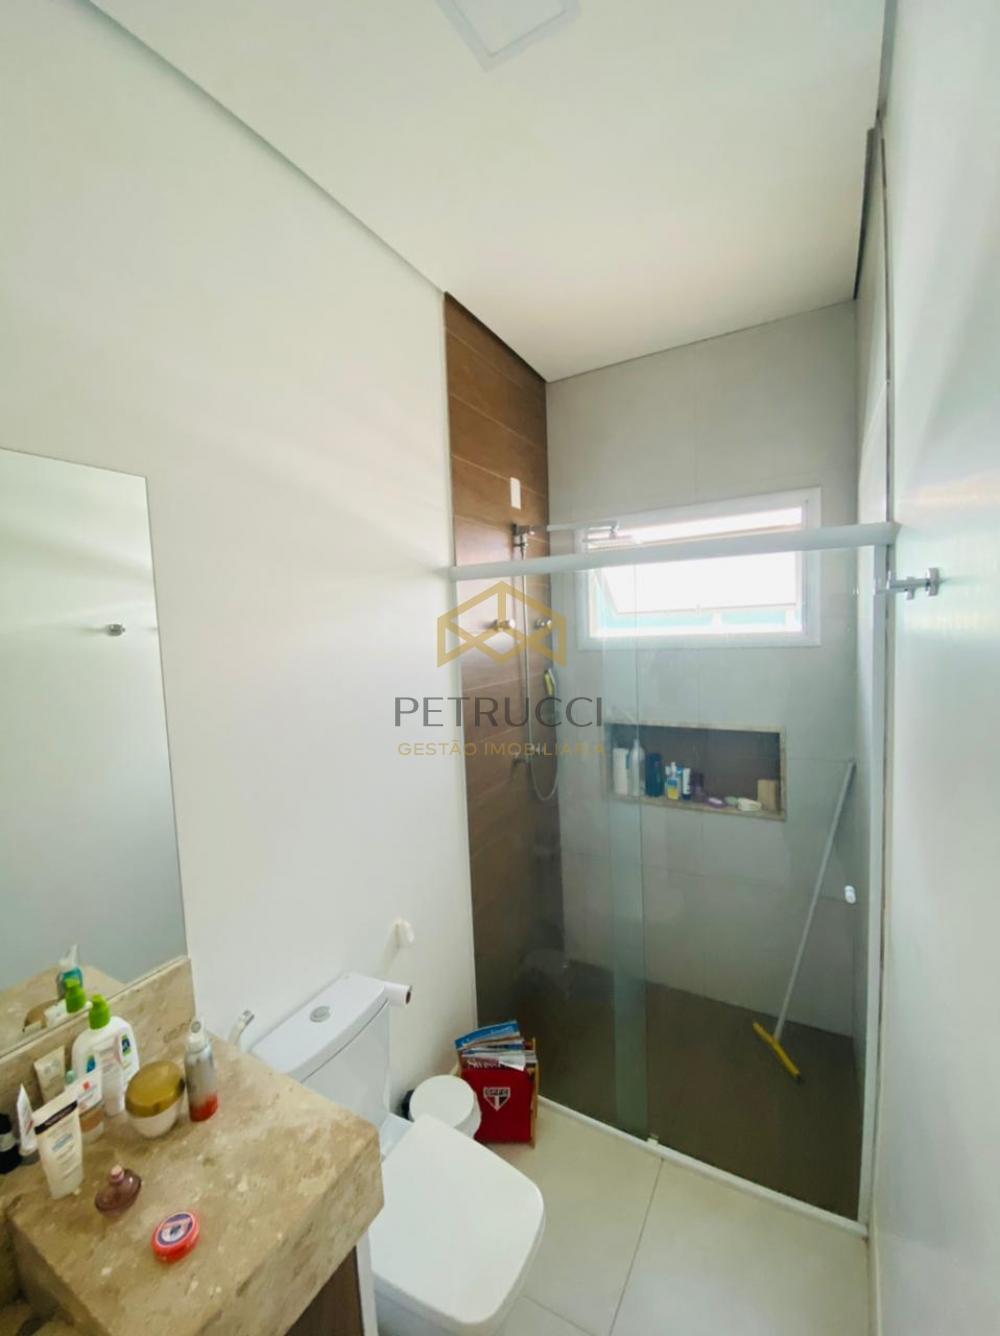 Comprar Casa / Sobrado em Condomínio em Campinas R$ 1.350.000,00 - Foto 27